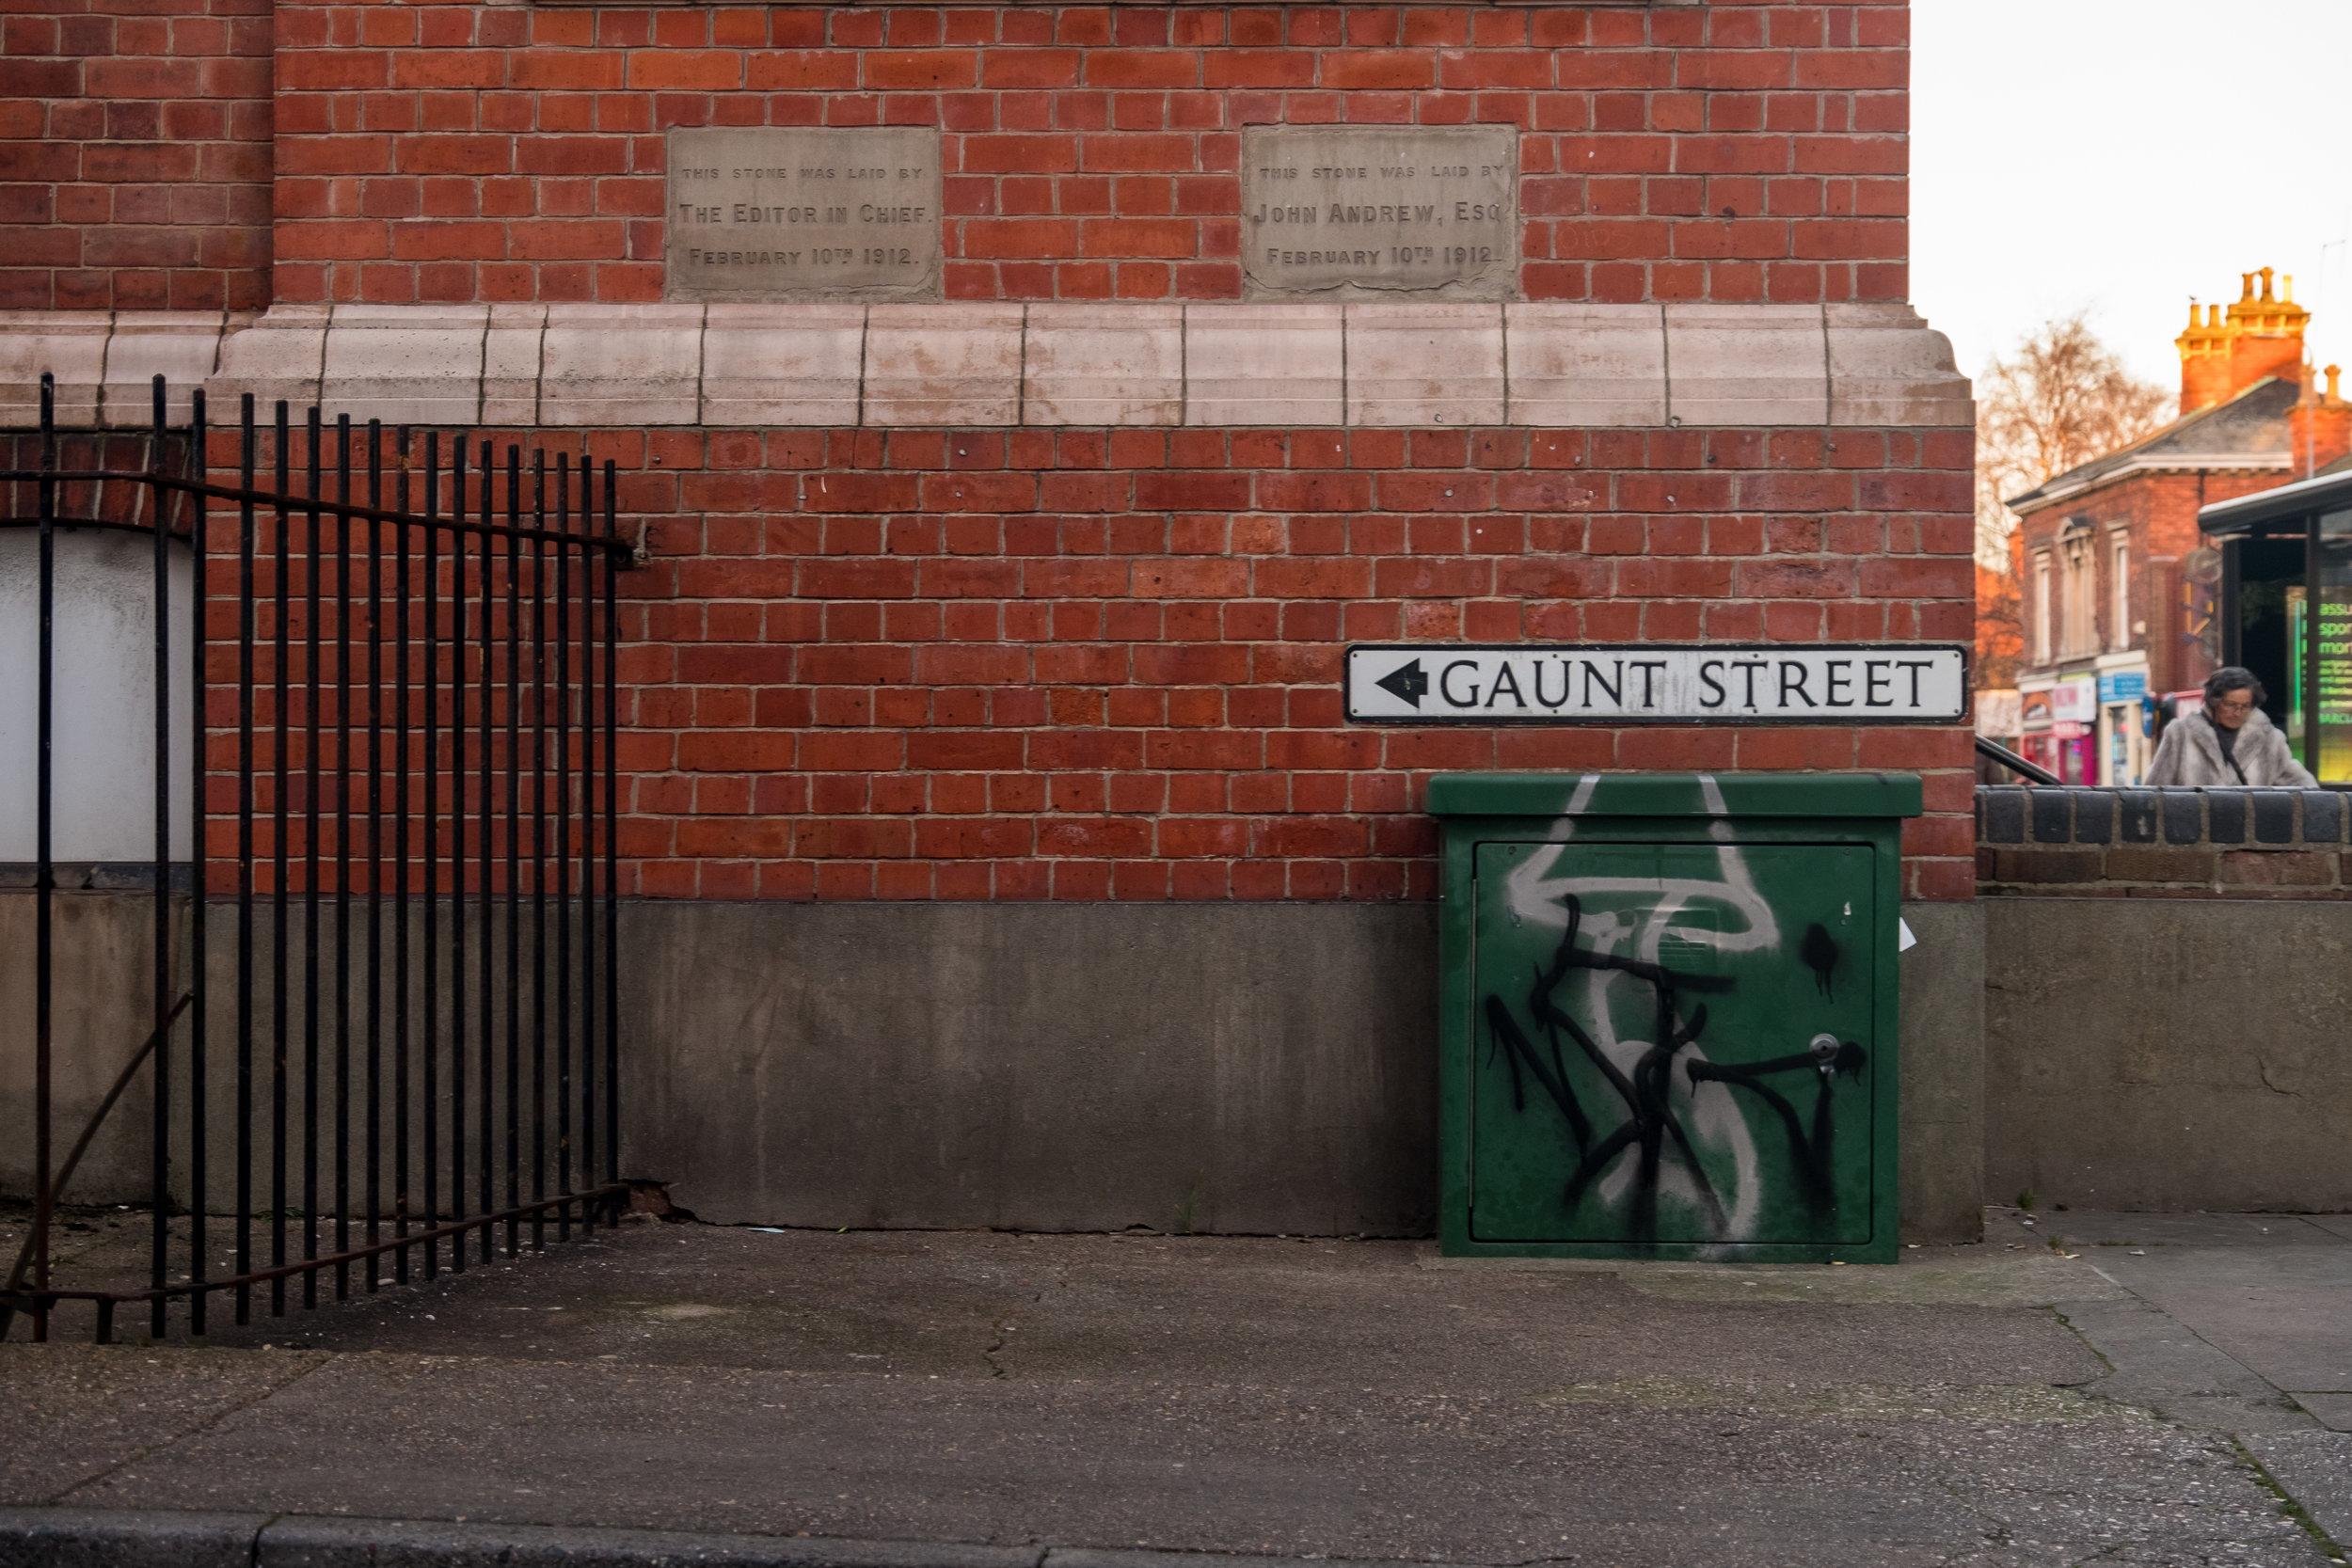 Gaunt Street / High Street